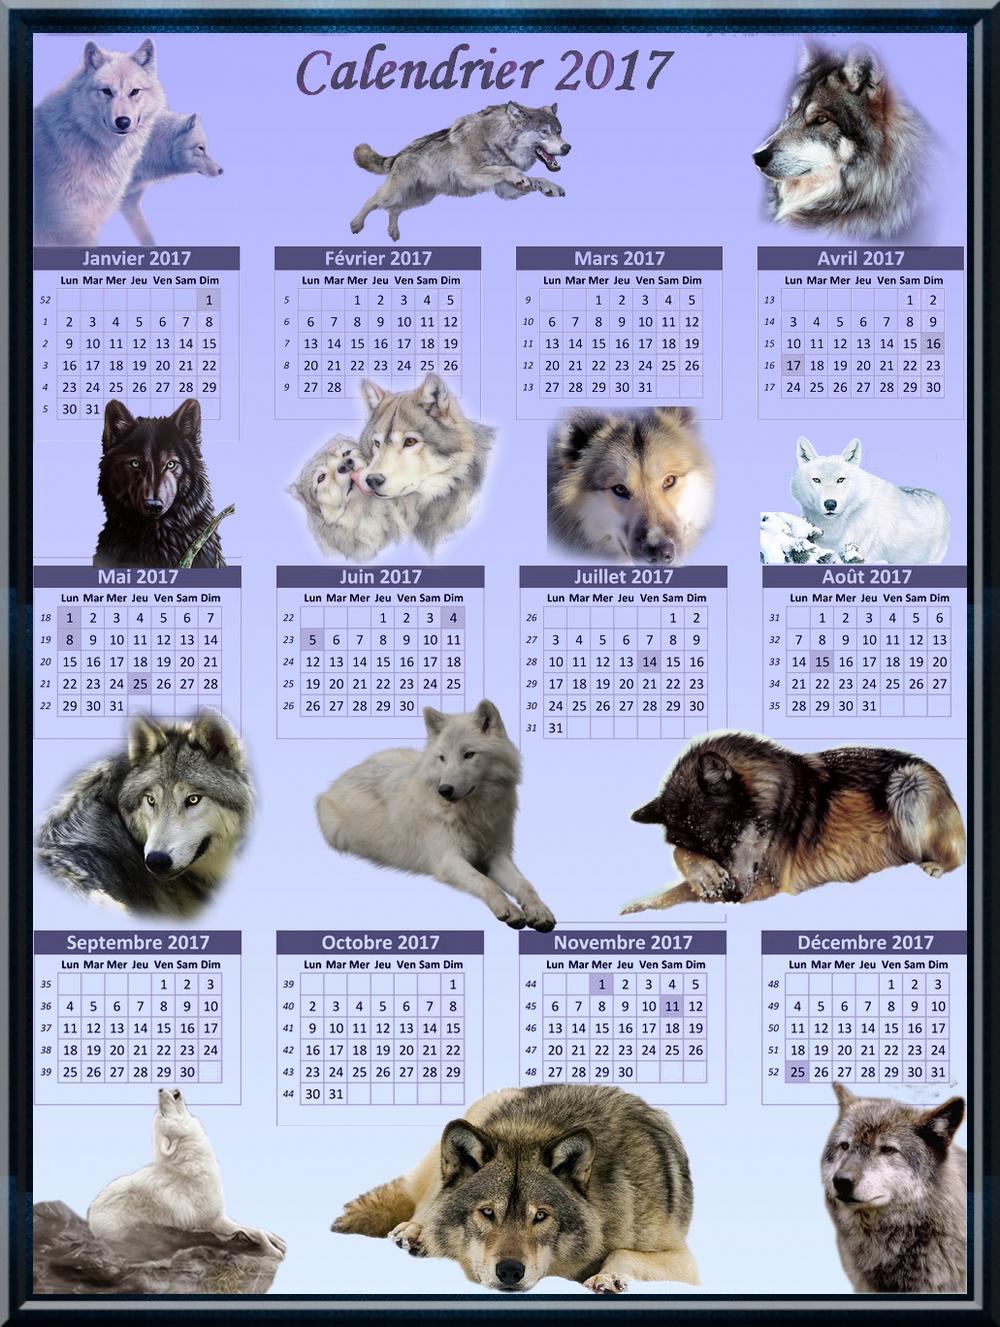 Calendrier 2017 loups création minouchapassion